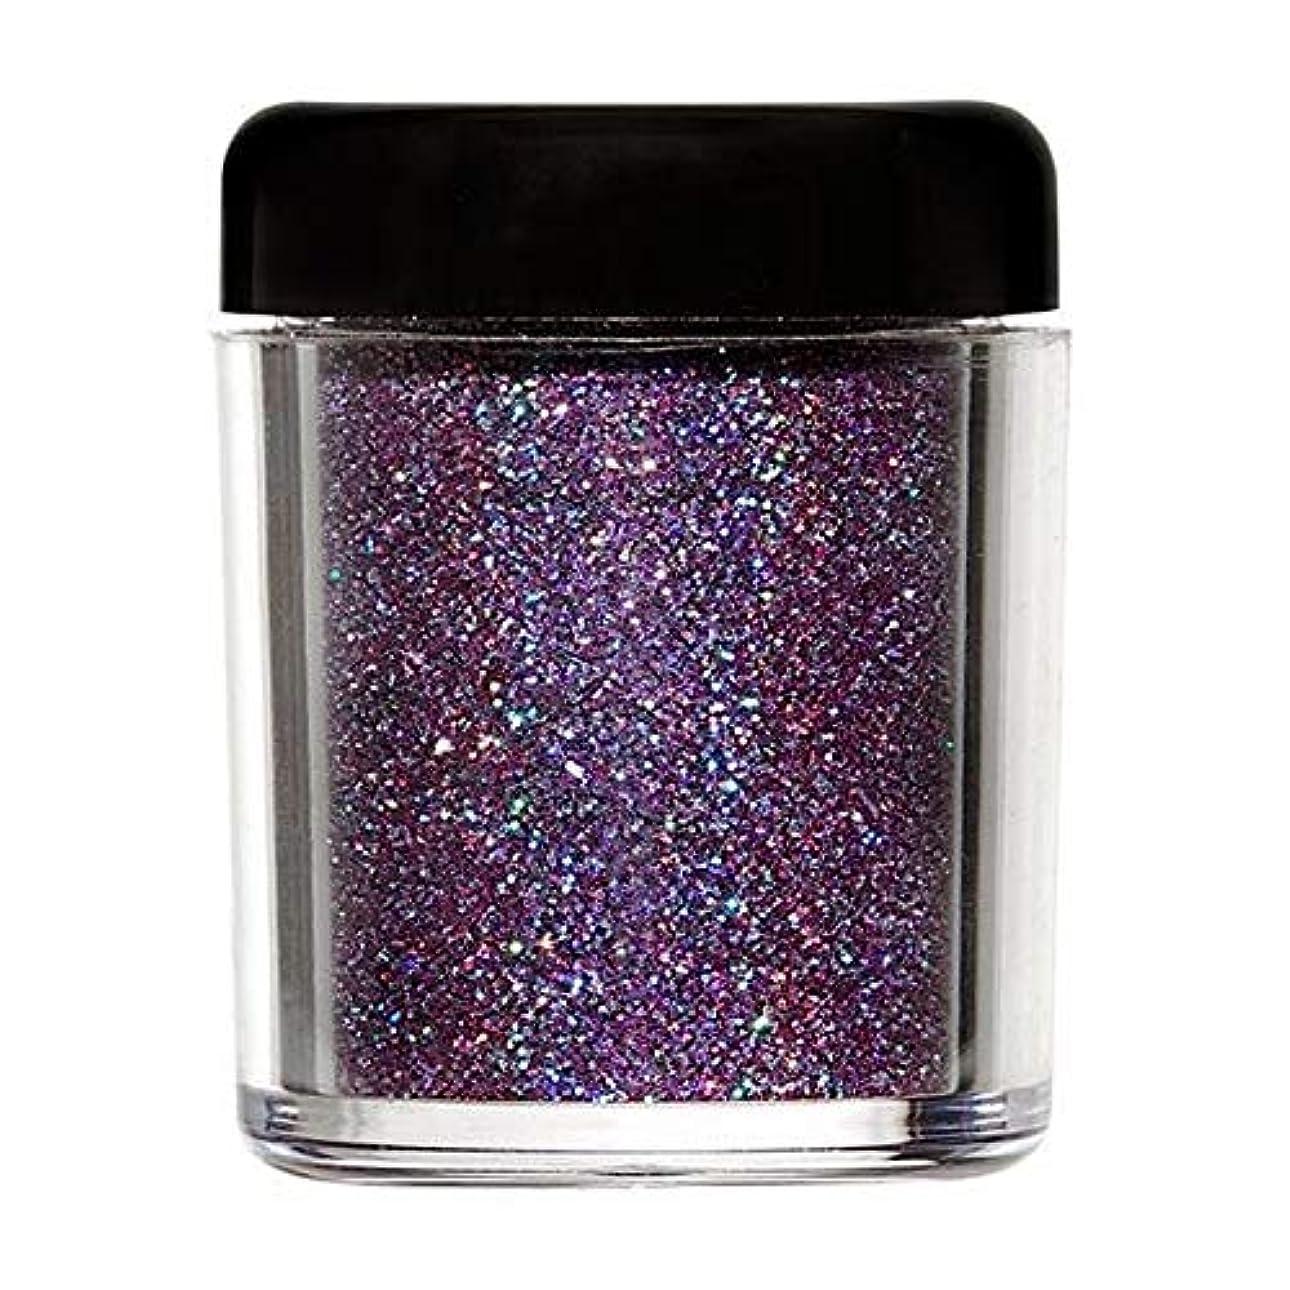 バスト蛇行権限[Barry M ] バリーメートルのグリッターラッシュボディの輝き - 紫外線 - Barry M Glitter Rush Body Glitter - Ultraviolet [並行輸入品]